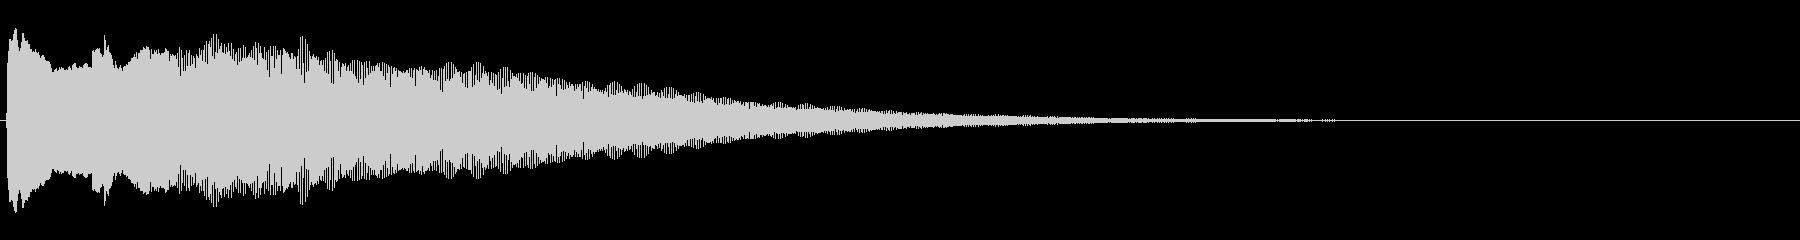 アナウンス後 チャイム-1_rev-1の未再生の波形